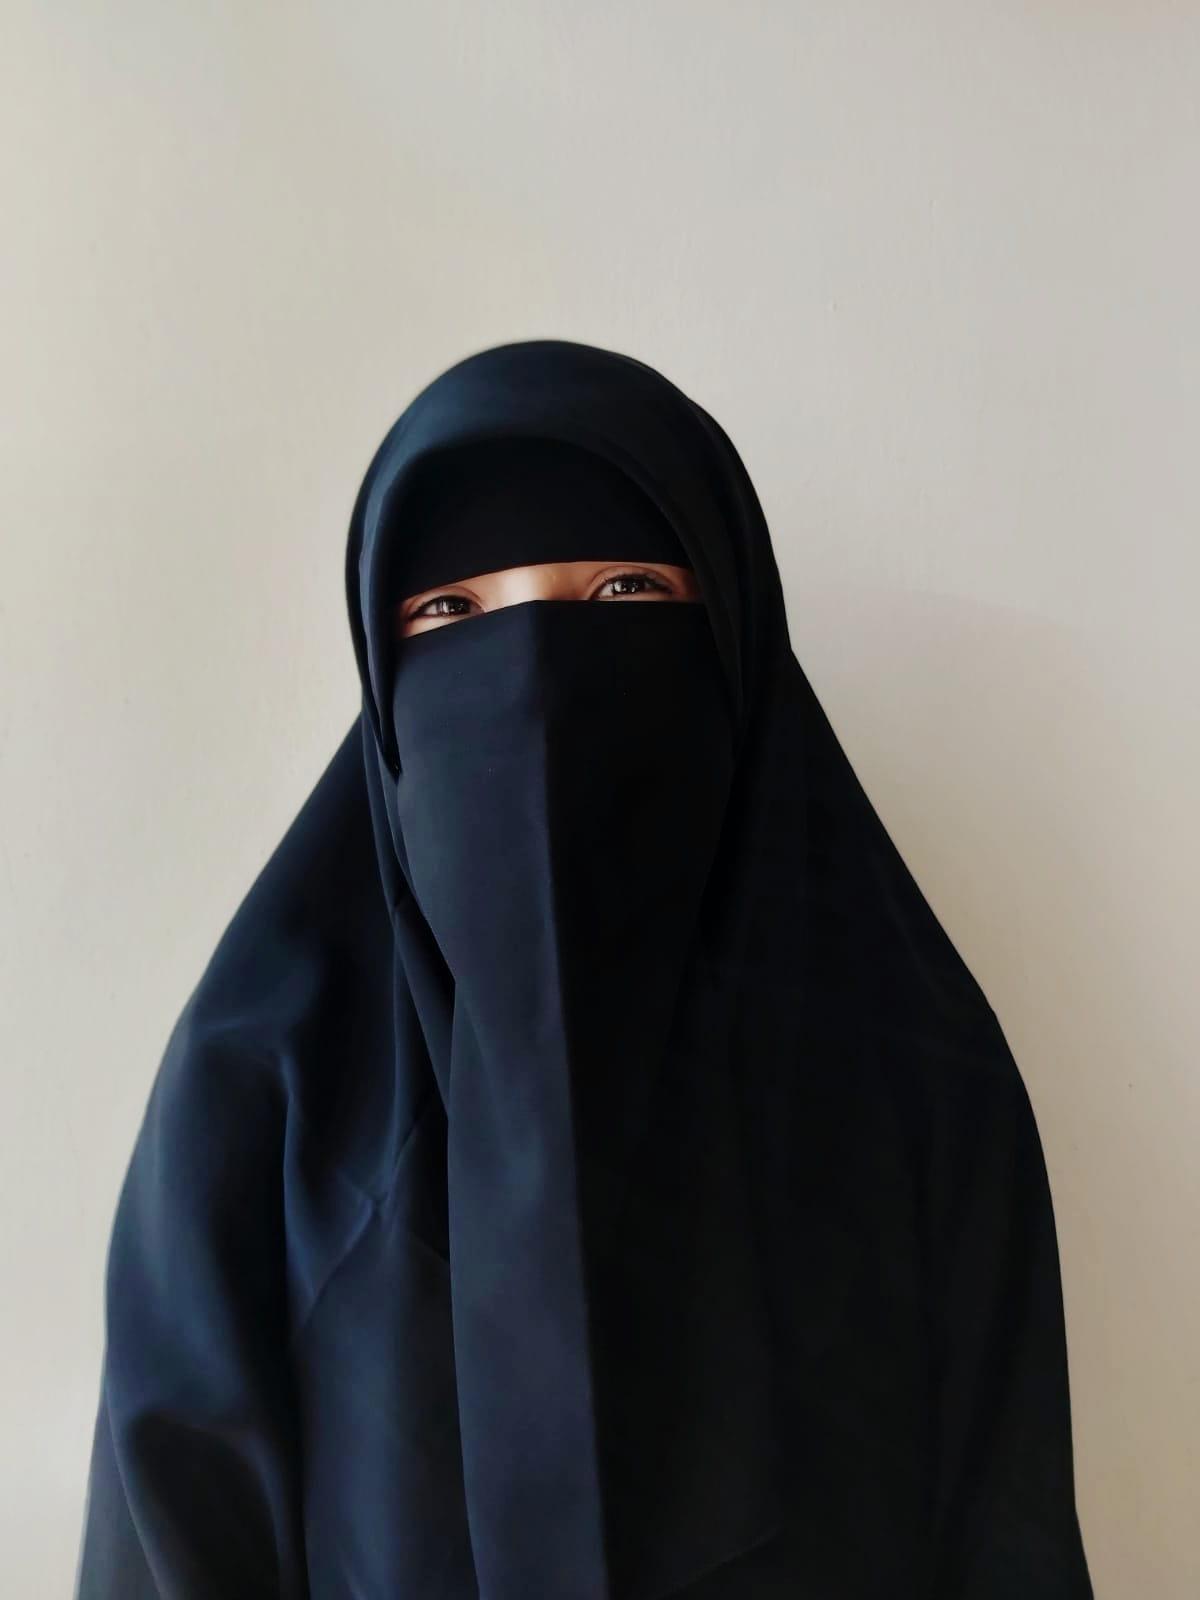 فاطمة سمير محمد أحمد رضوان